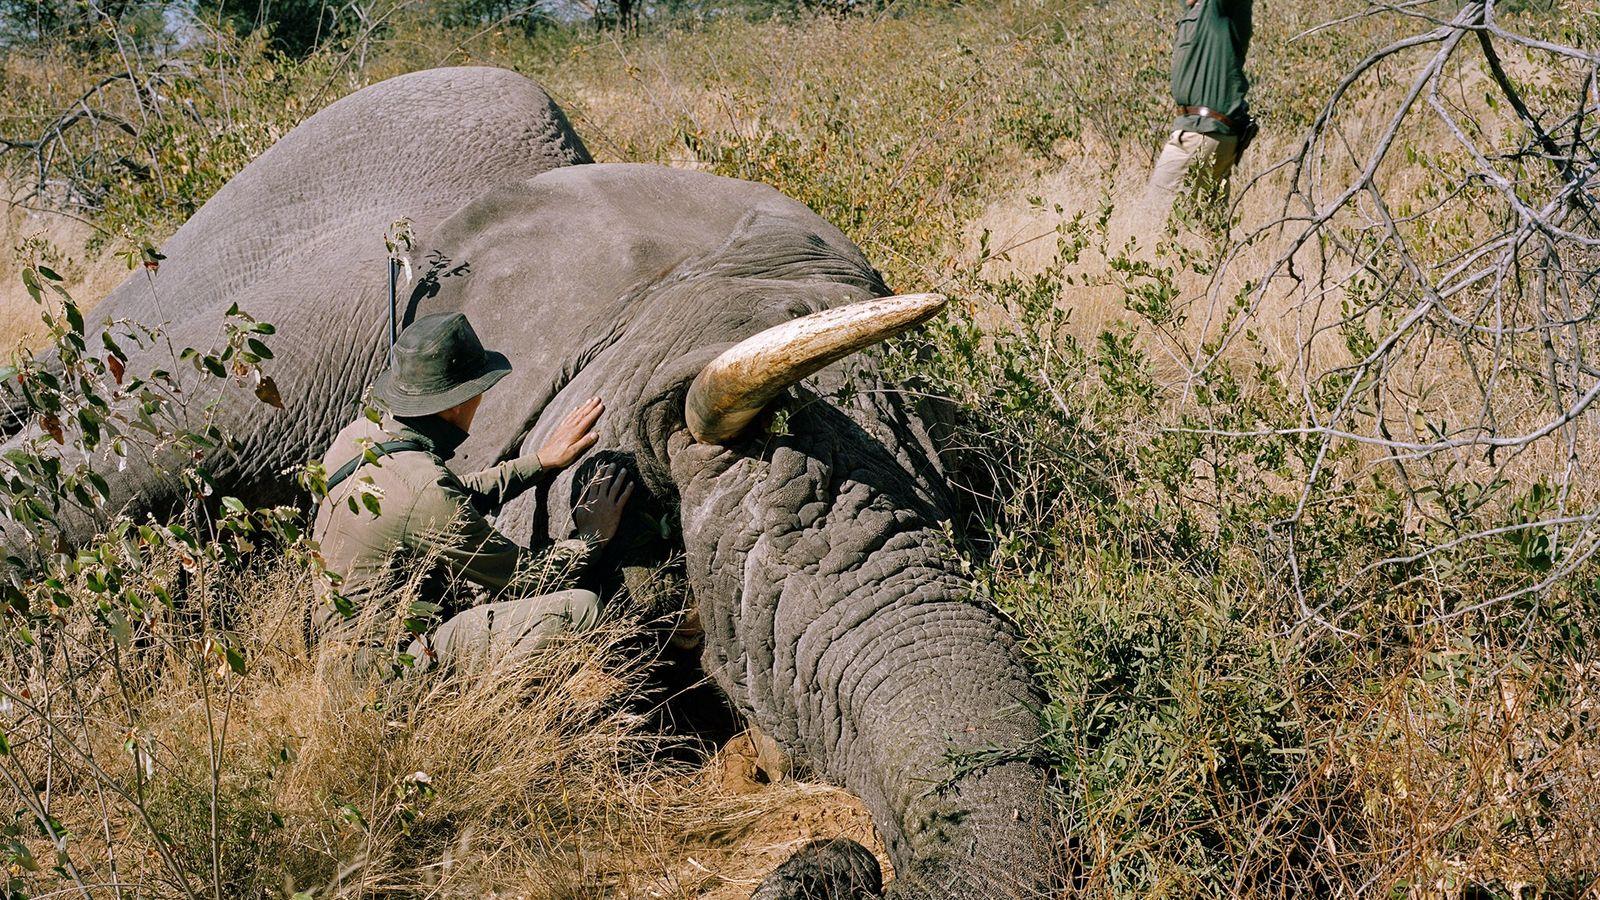 Ein deutscher Jäger erlegte in Namibia diesen alten Elefantenbullen. Schon länger wird eine Debatte darum geführt, ...